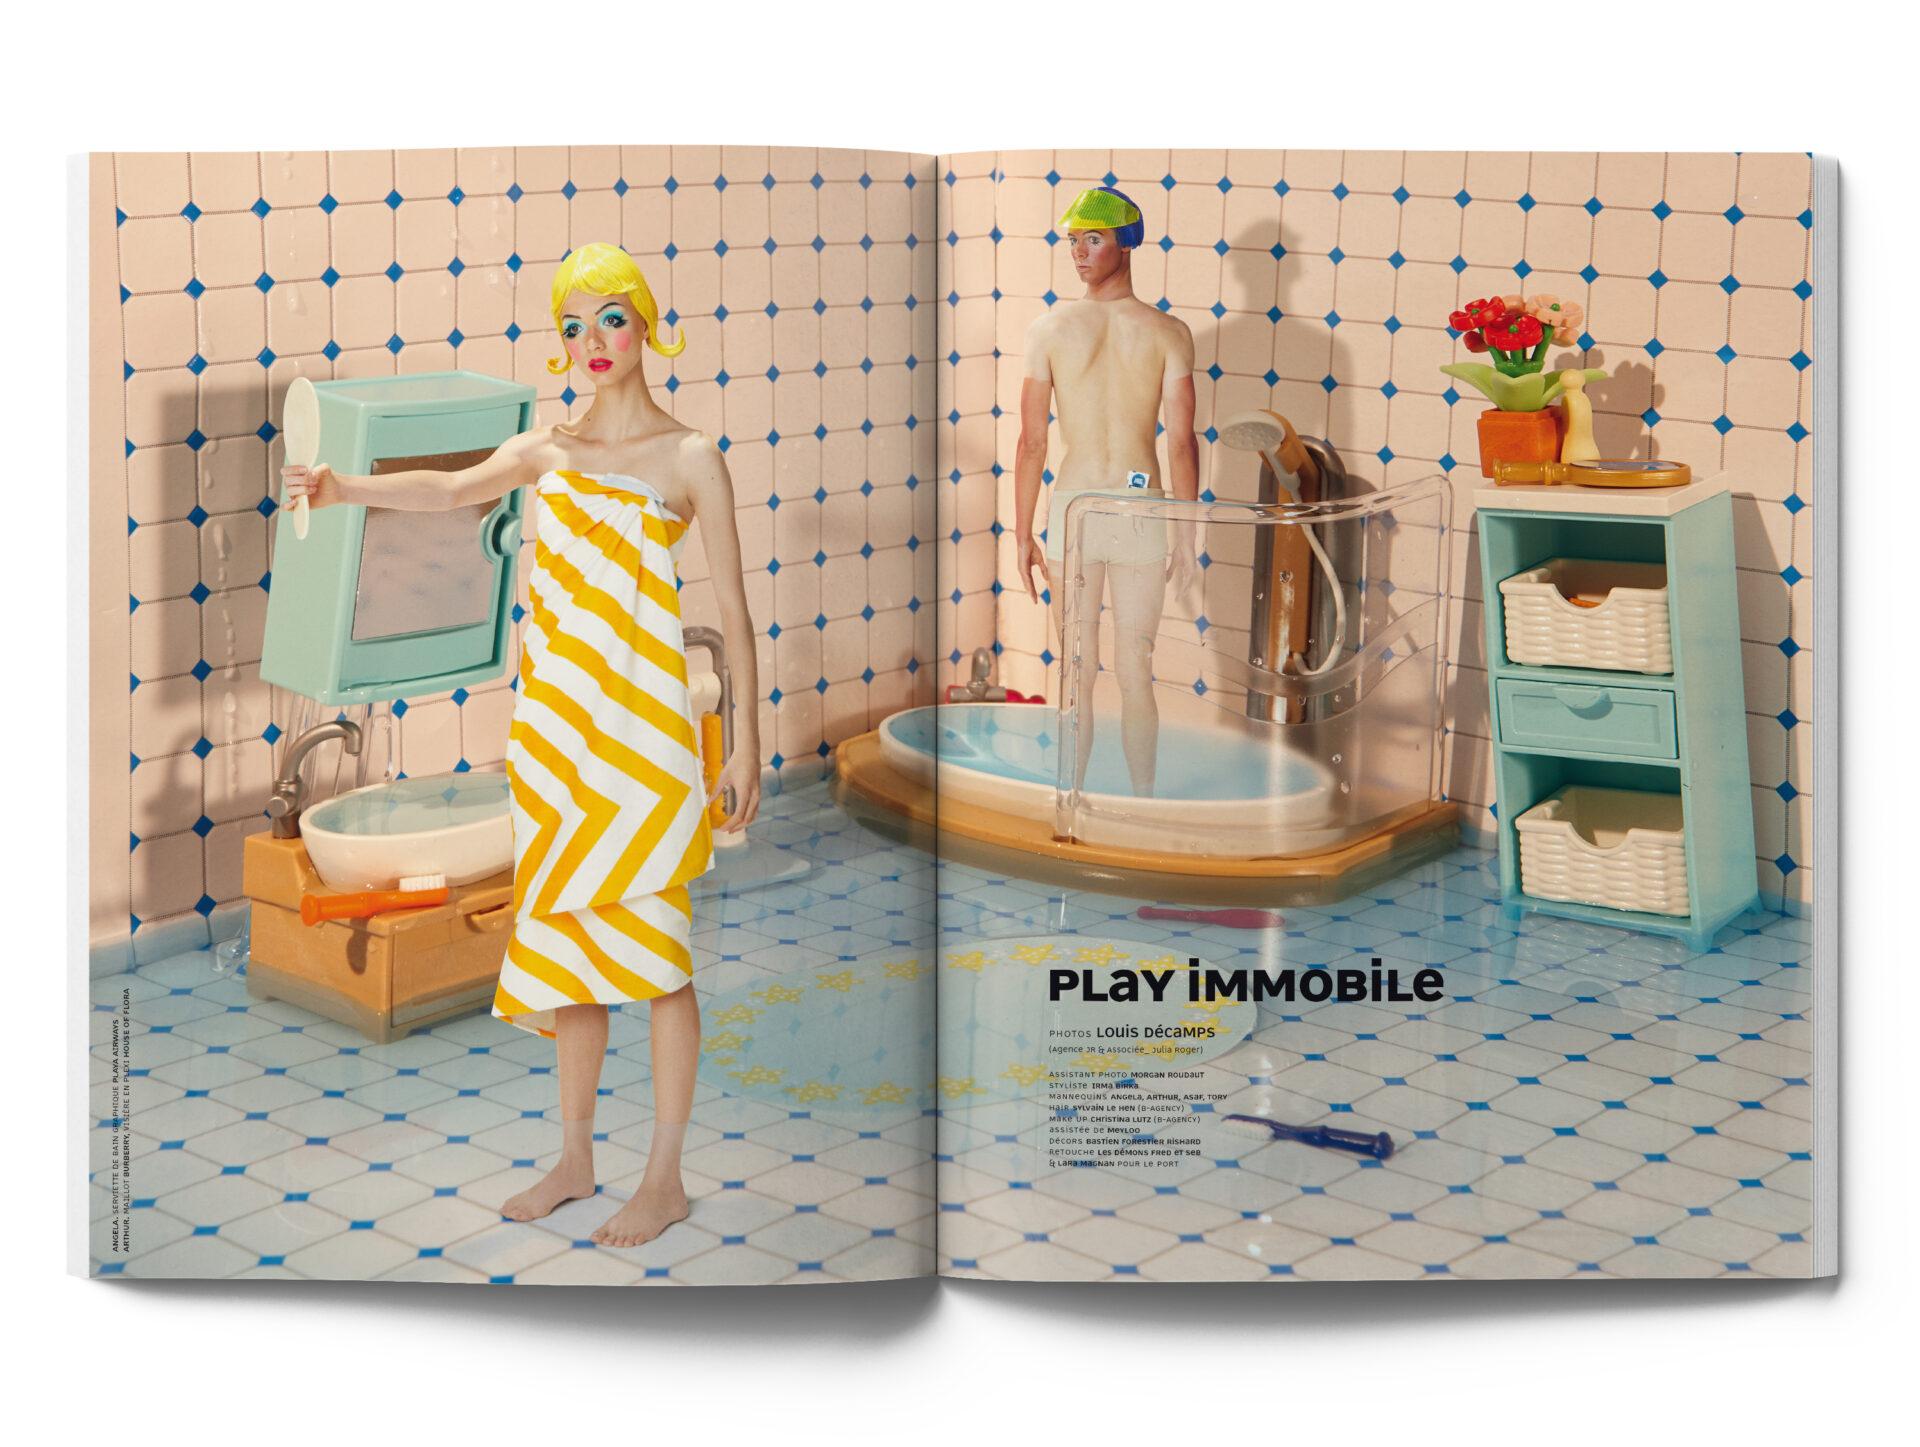 #09 Play immobile par Louis Descamps